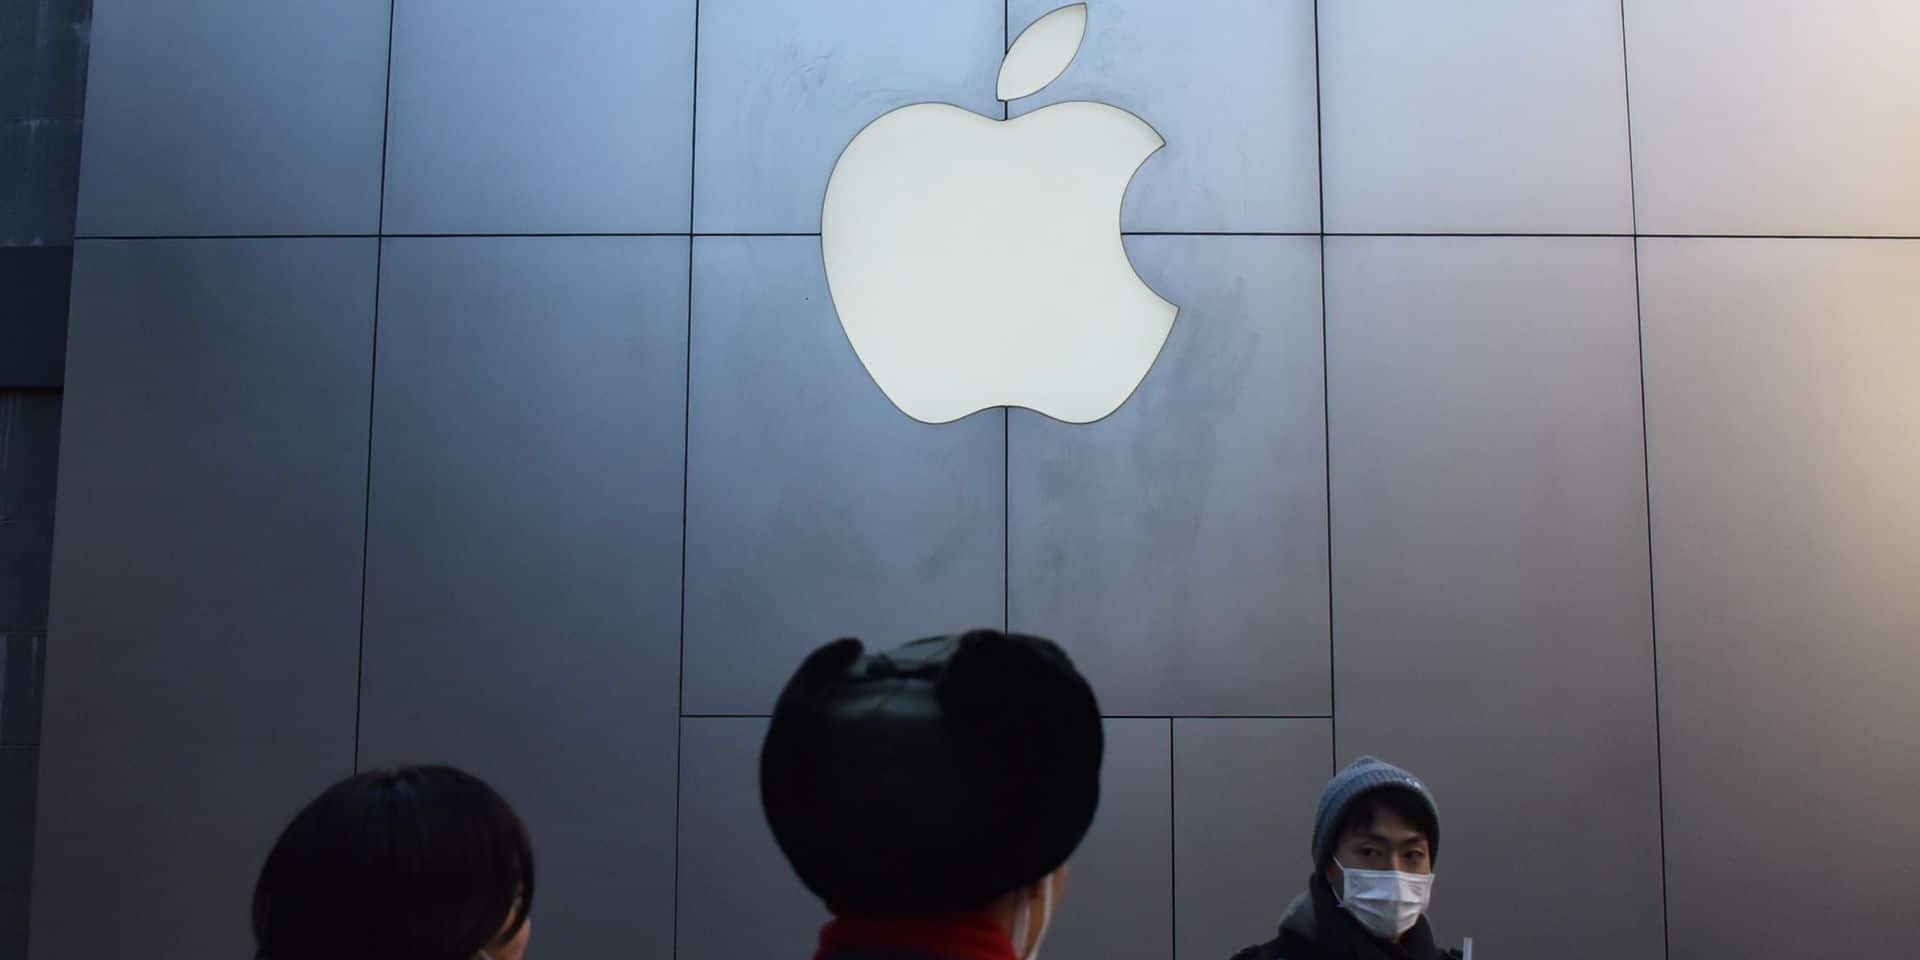 Après l'affaire Huawei, les Iphones interdits à la vente en Chine, mais pourtant toujours commercialisés